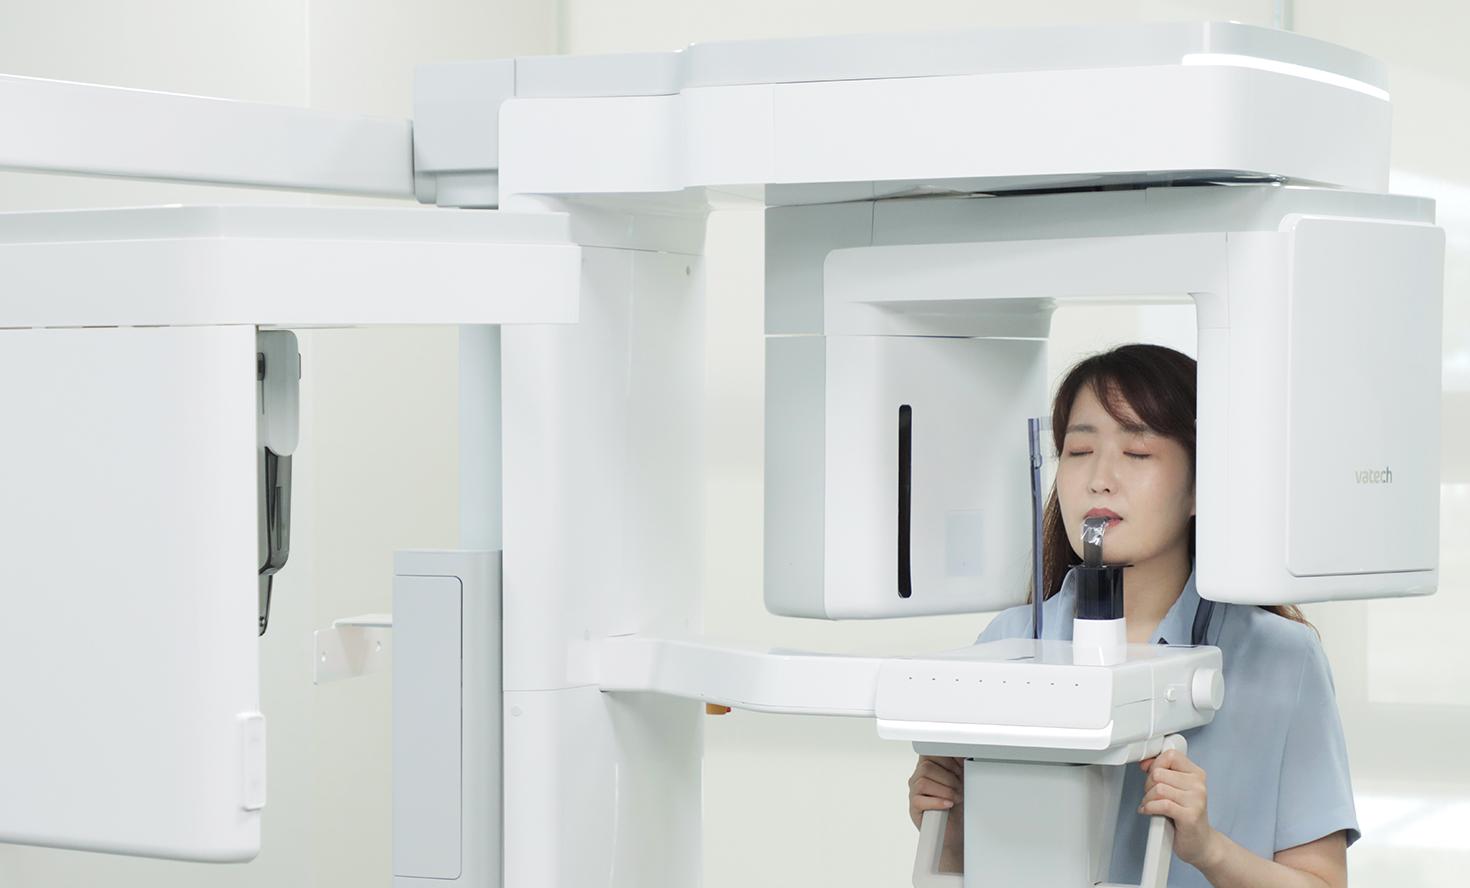 그린엑스 제품 촬영모습.jpg